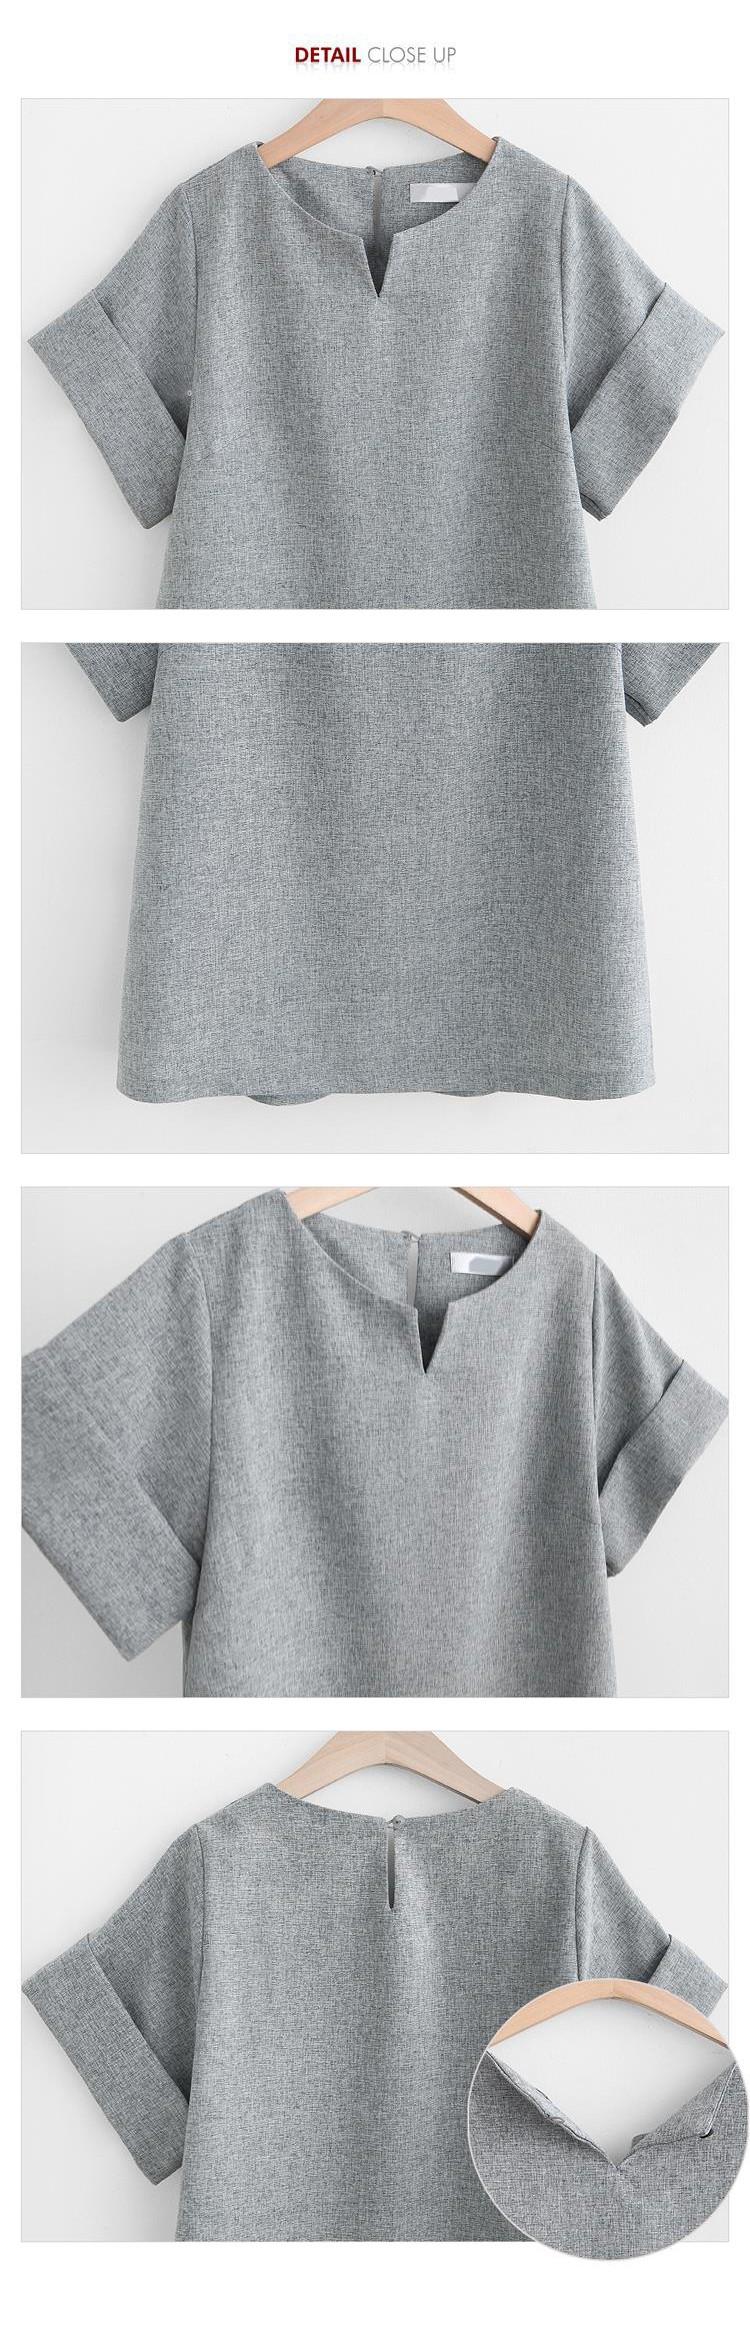 2017 Kobiety Lato W Stylu Casual Cotton Linen Top Koszula Kobiece Pure Color Kobiet Biuro Garnitur Ustawić kobiet Kostiumy Hot Krótki zestawy 6